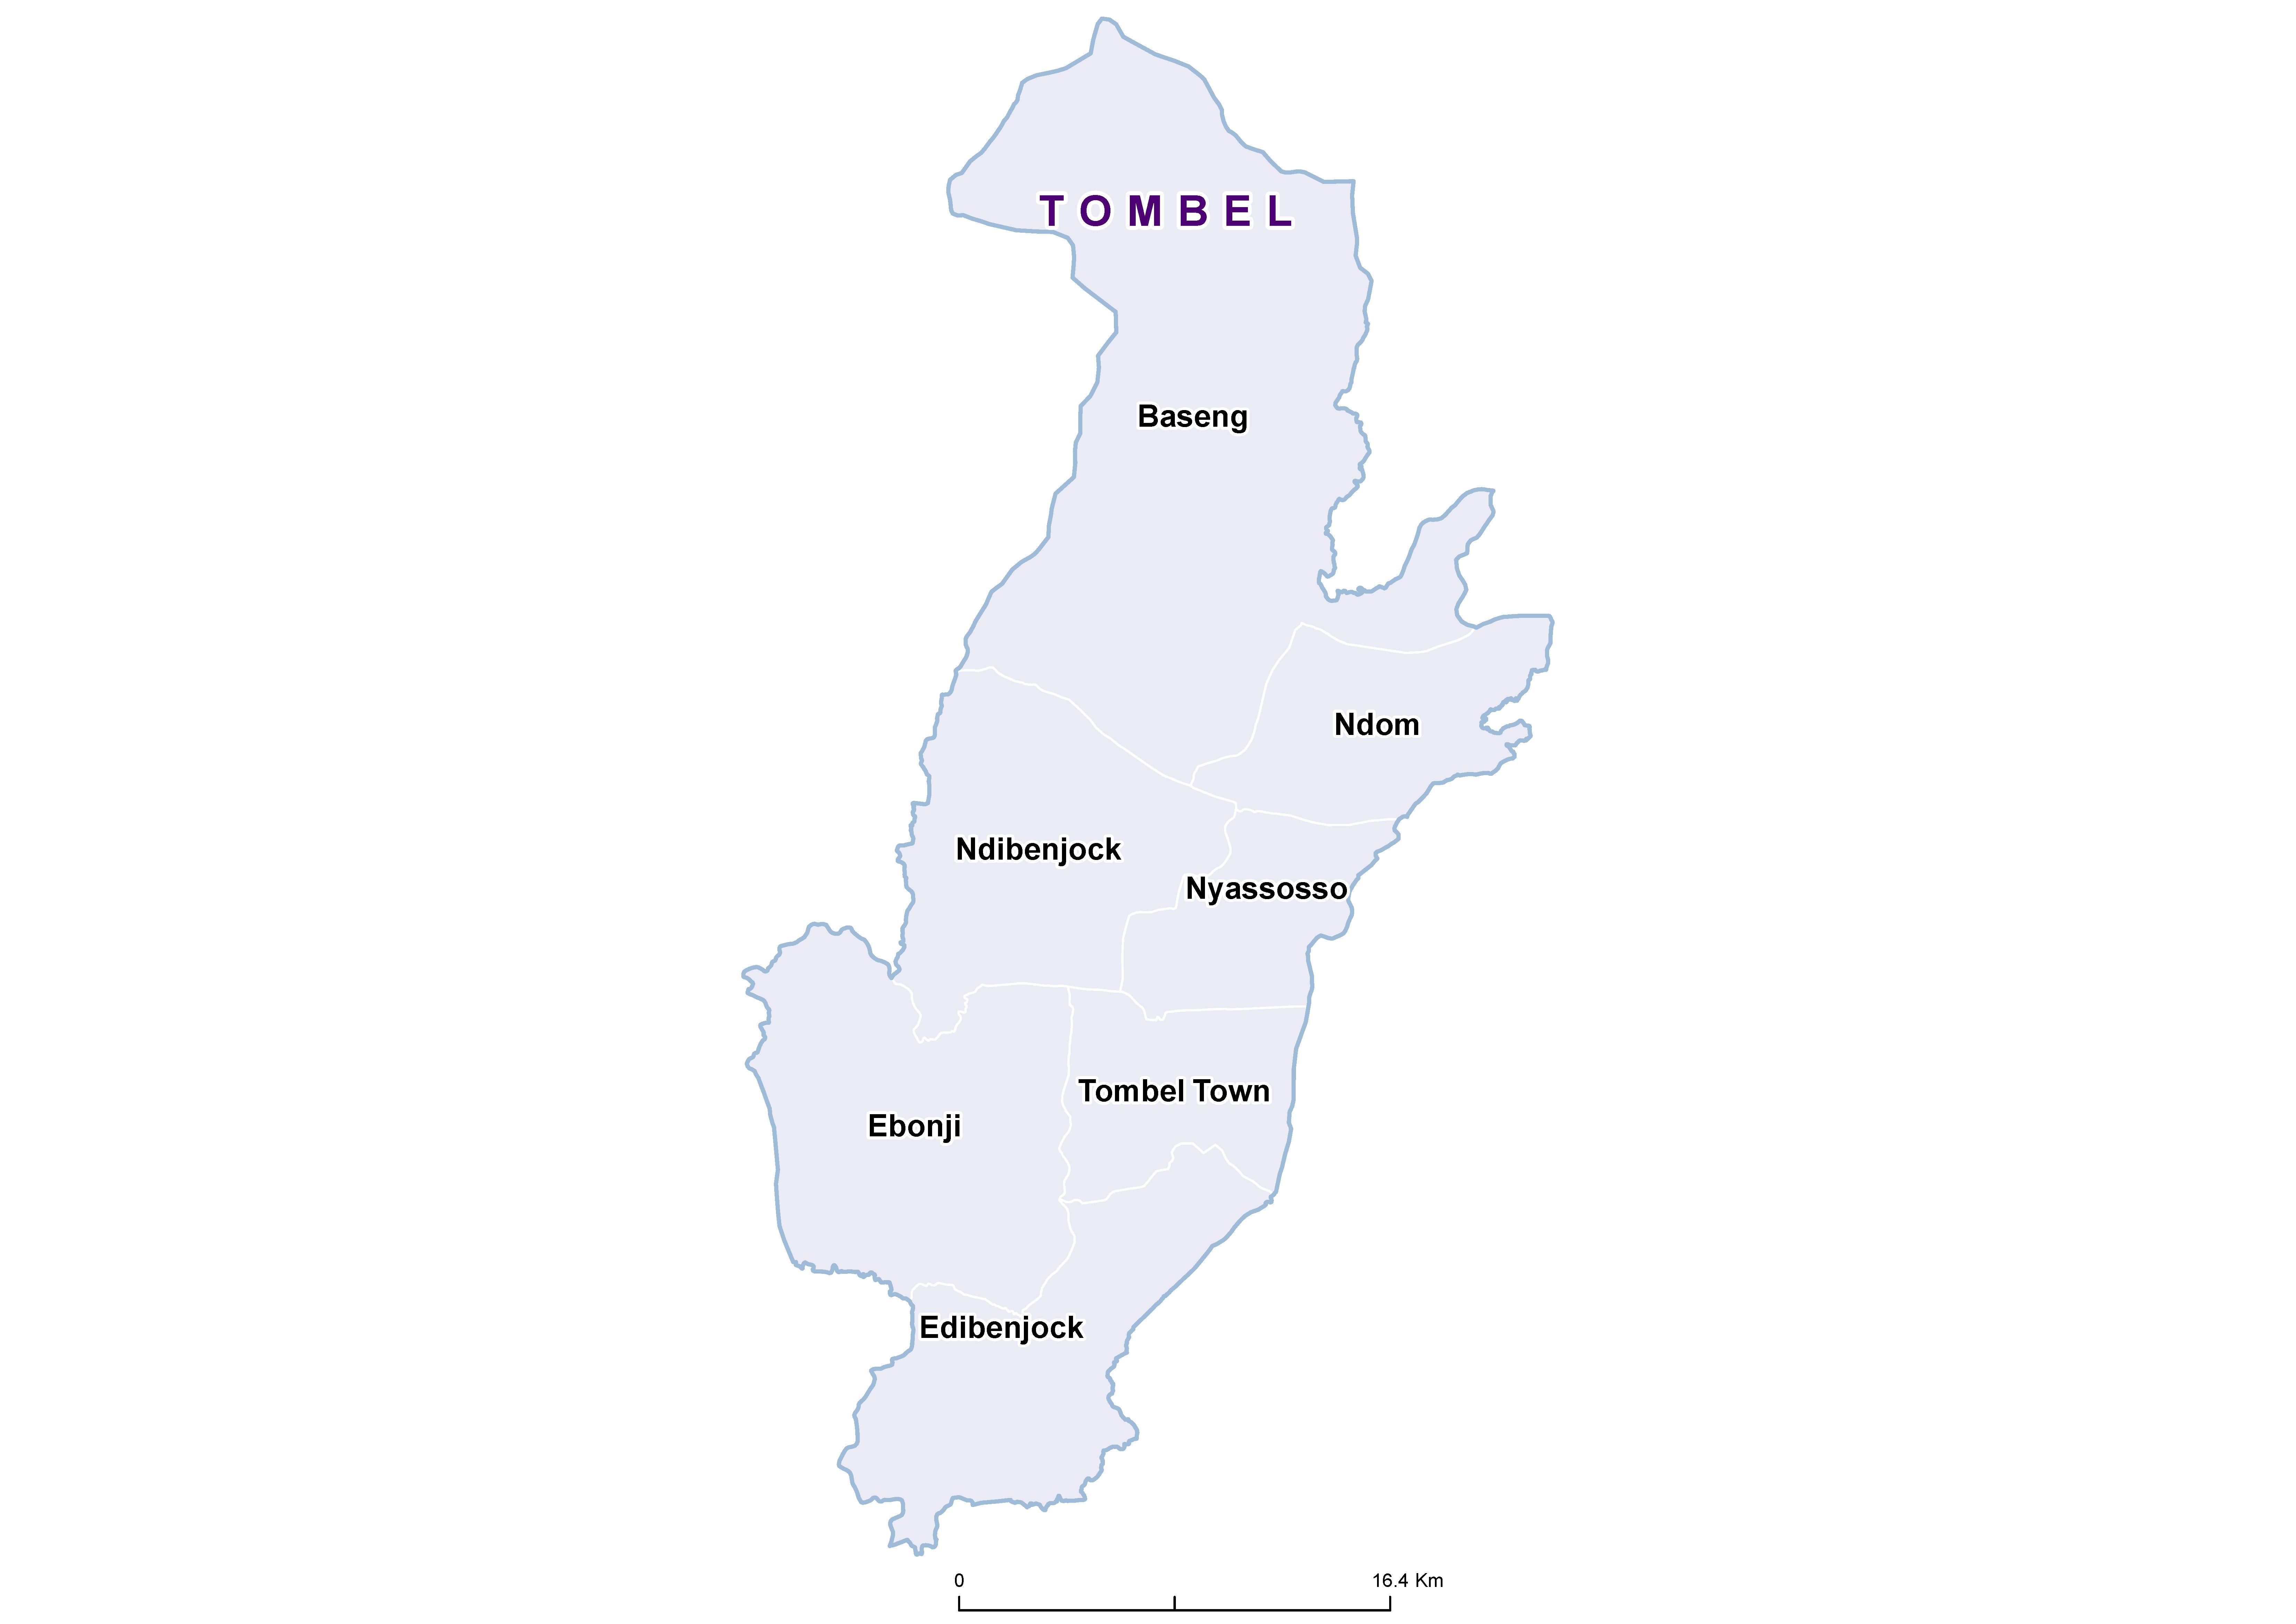 Tombel STH 20100001